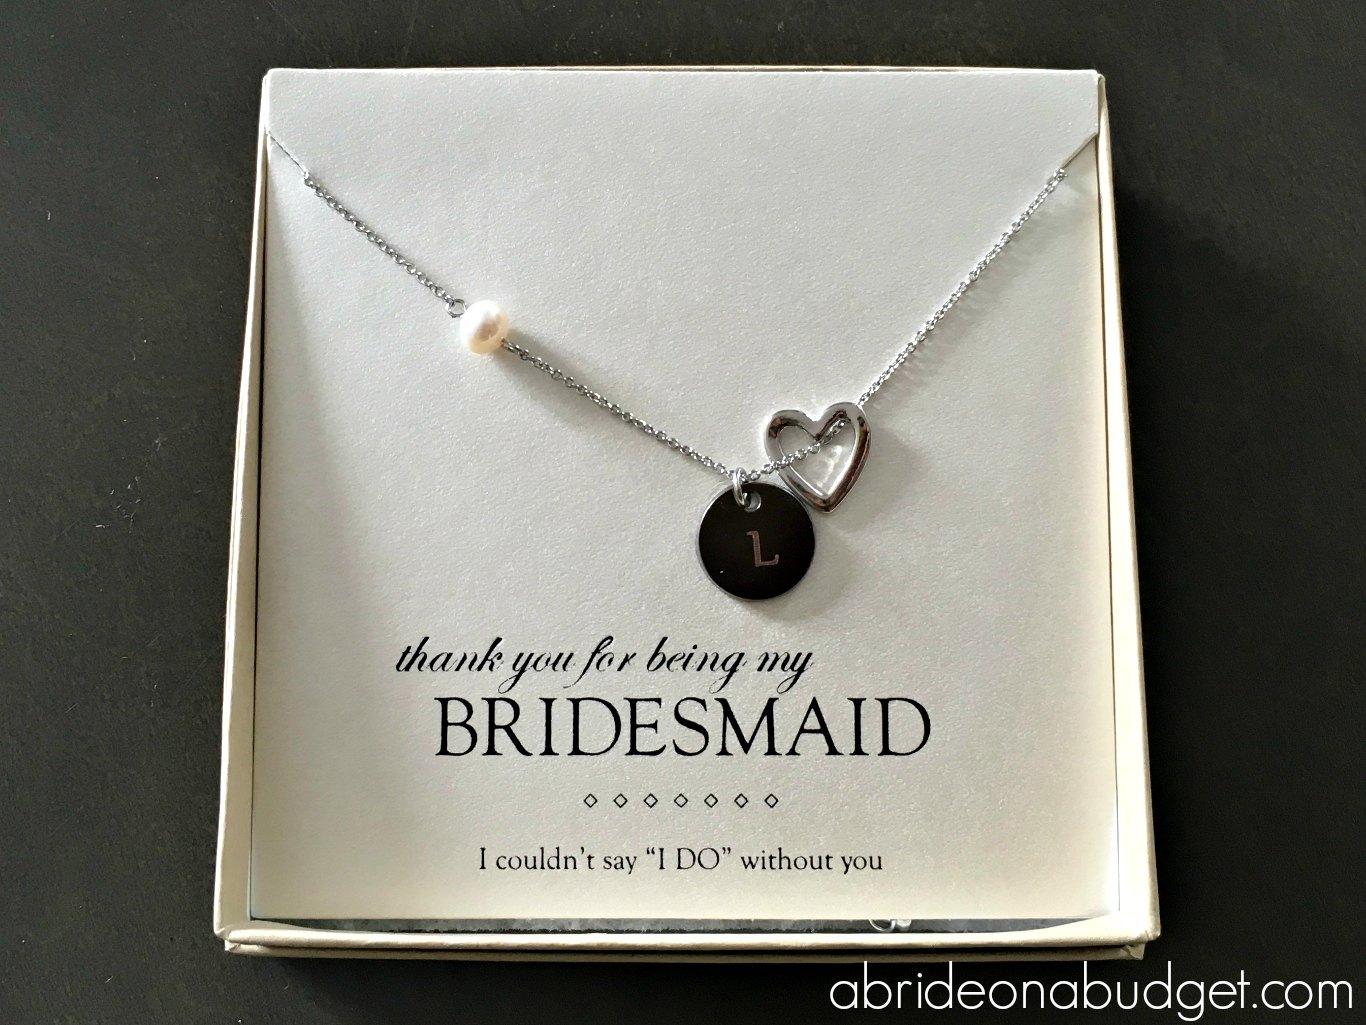 Wedding Bridesmaids Gifts: Top Ten Bridesmaids Gift Ideas